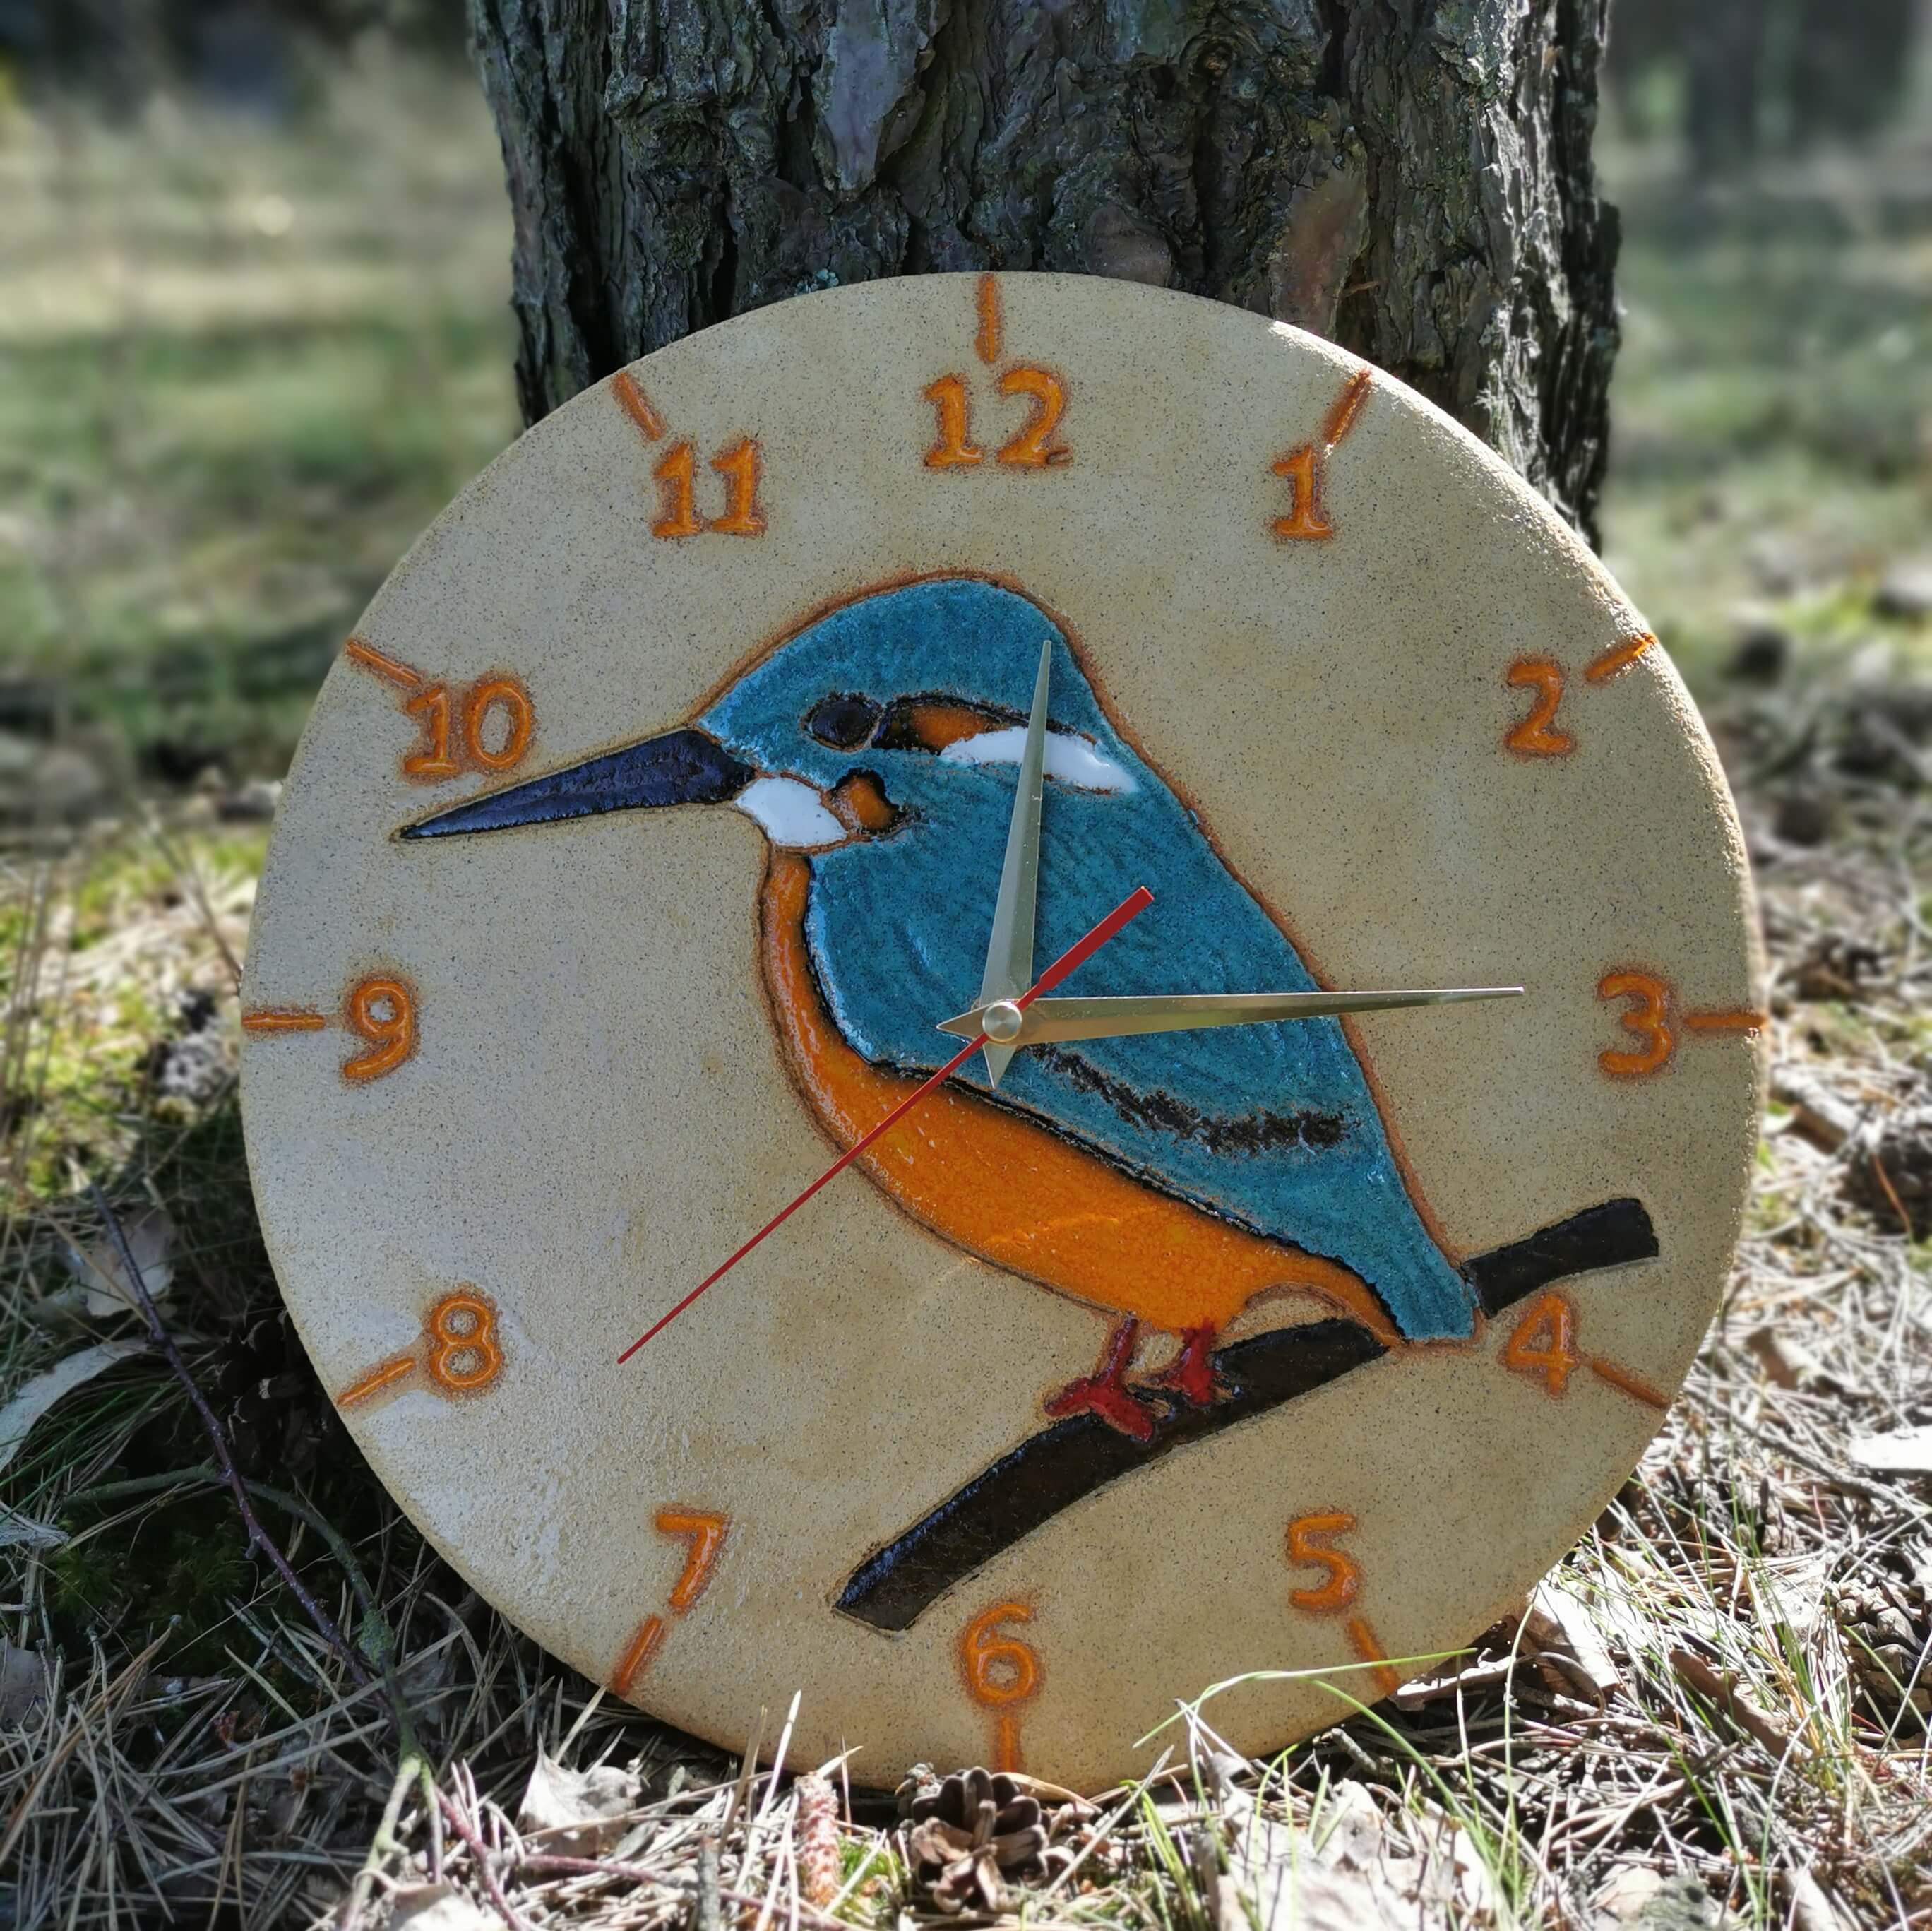 ptasi-zegar-zimorodek